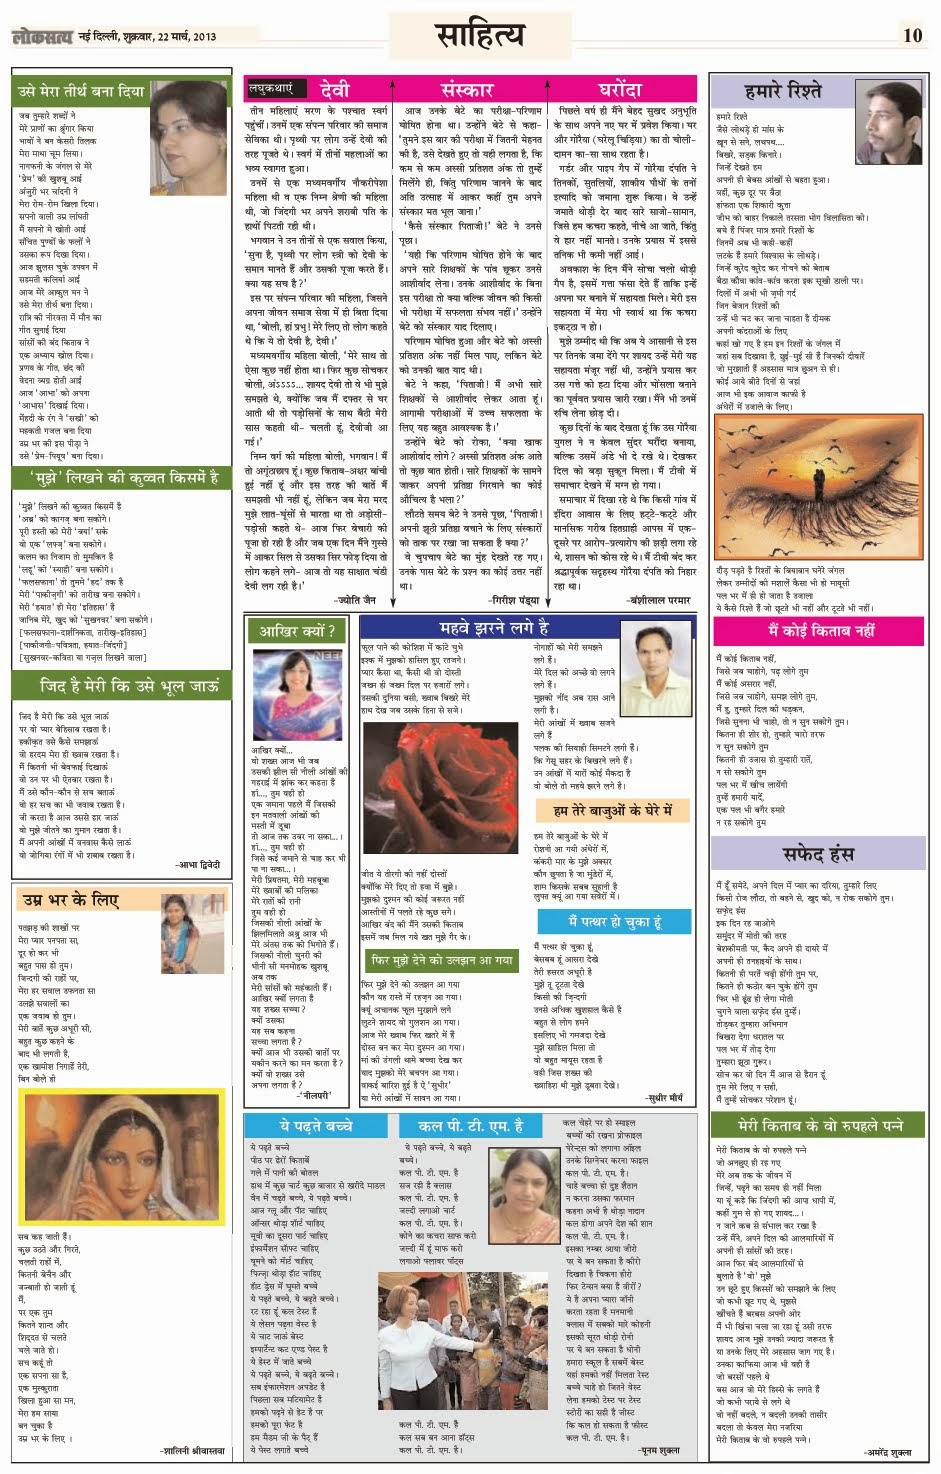 पत्र - पत्रिकाओं में प्रकाशित कुछ रचनाये